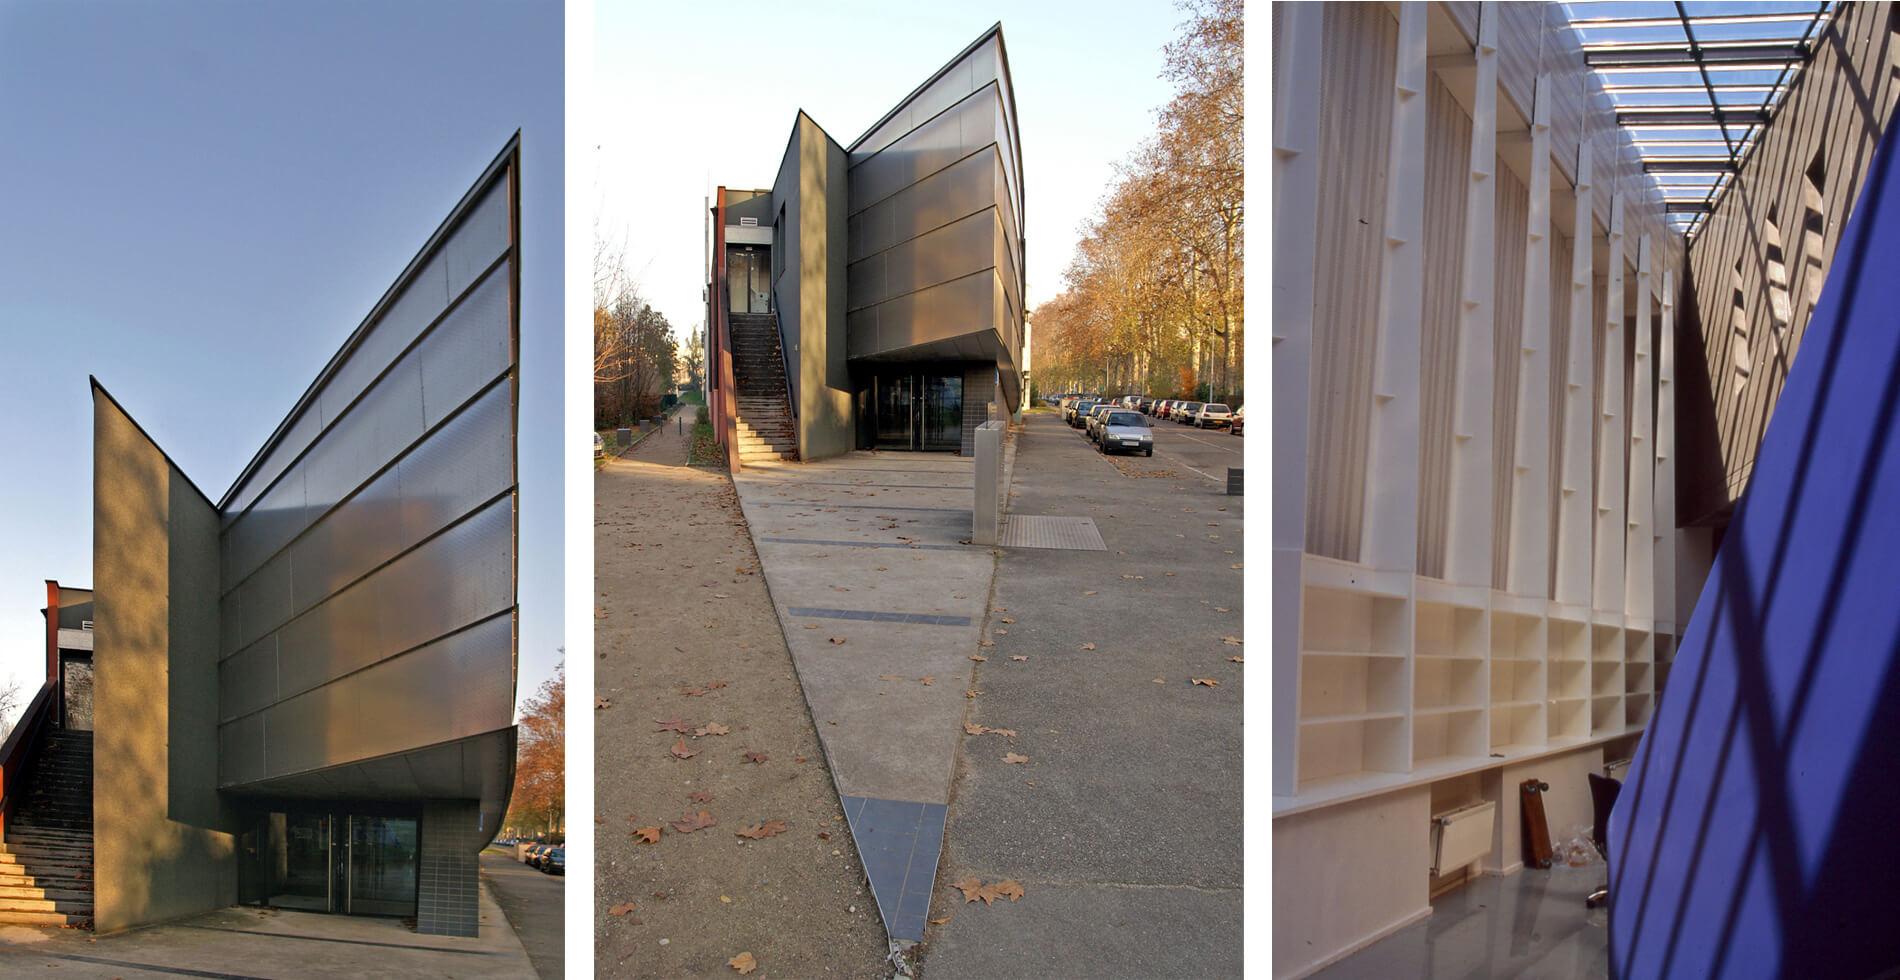 Maison condorcet campus de la doua Villeurbanne